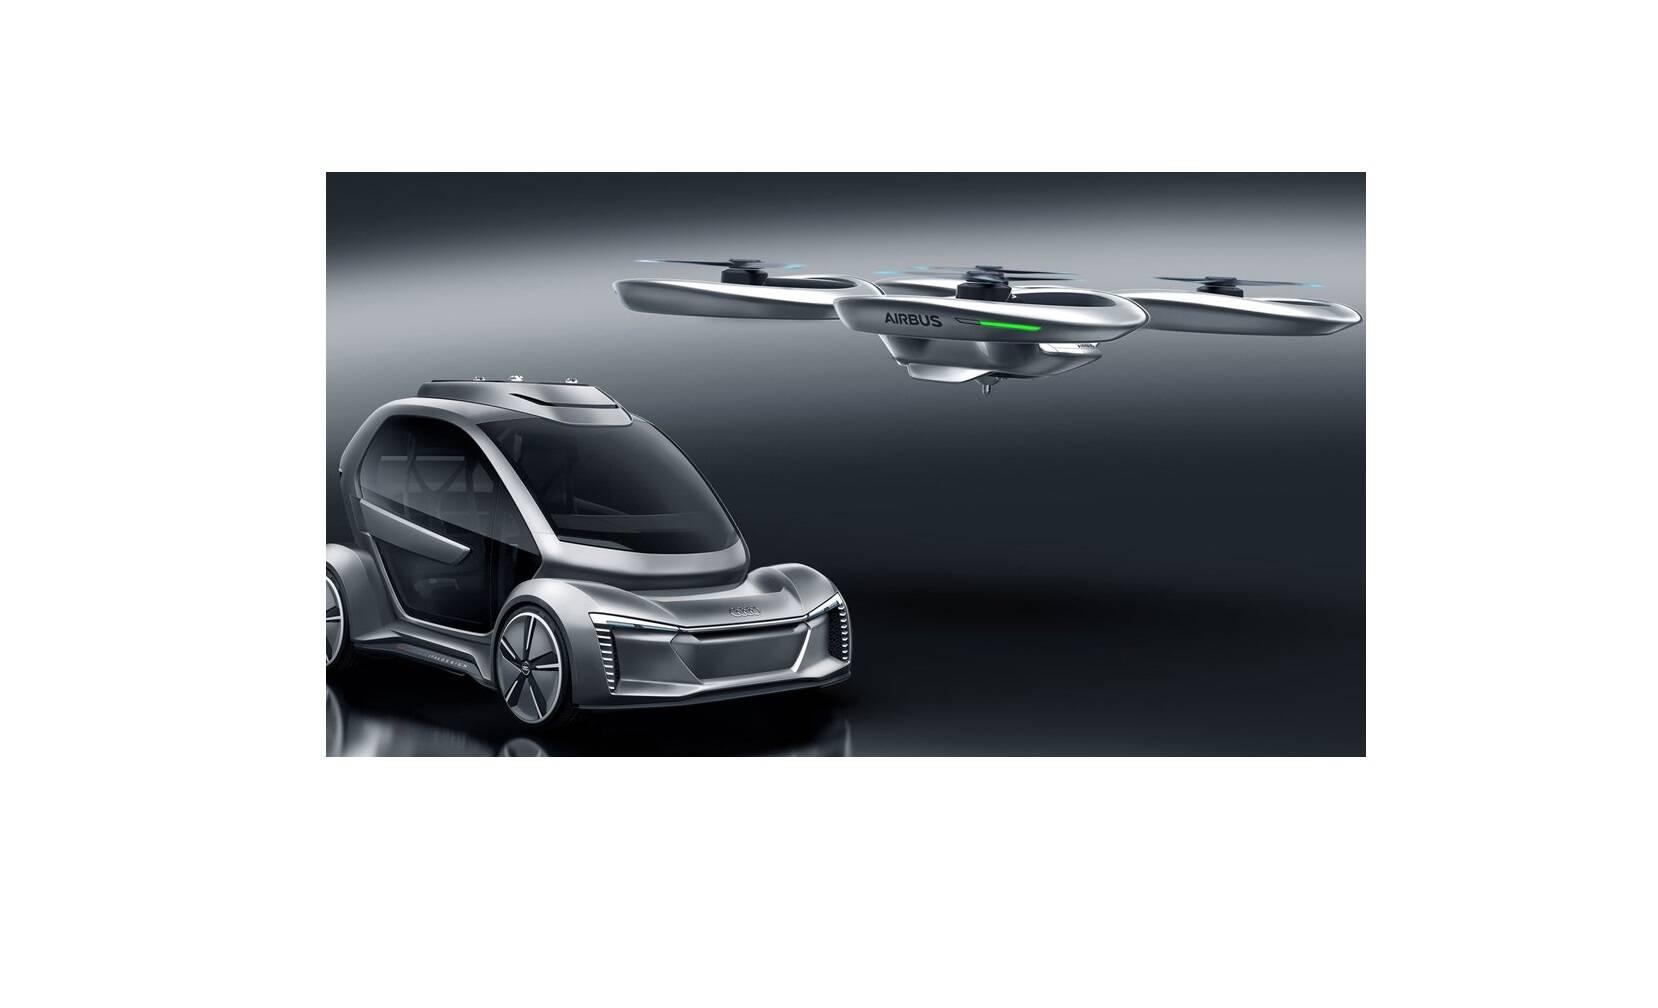 Eis o futuro: O carro voador, com tecnologia de direção autônoma, desenvolvido pela Italdesign, Audi e Airbus. Foto: Divulgação